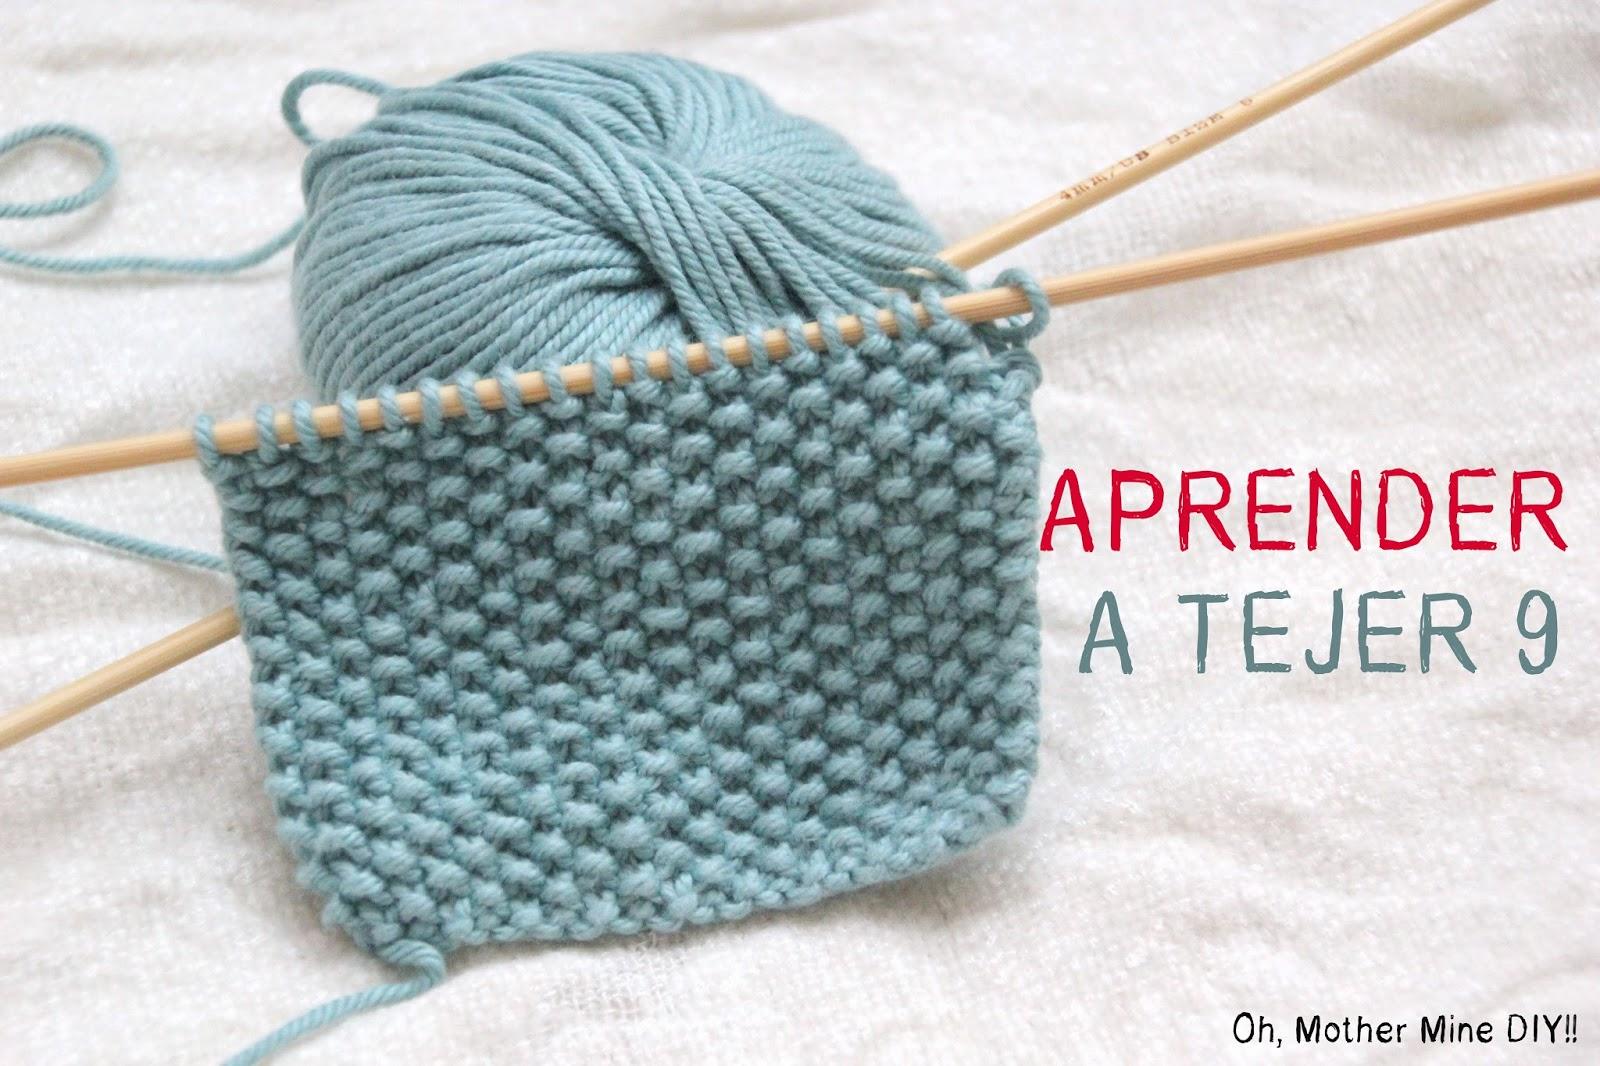 Curso aprender a tejer con dos agujas cap 9 punto de arroz oh mother mine diy bloglovin - Puntos para tejer con dos agujas ...